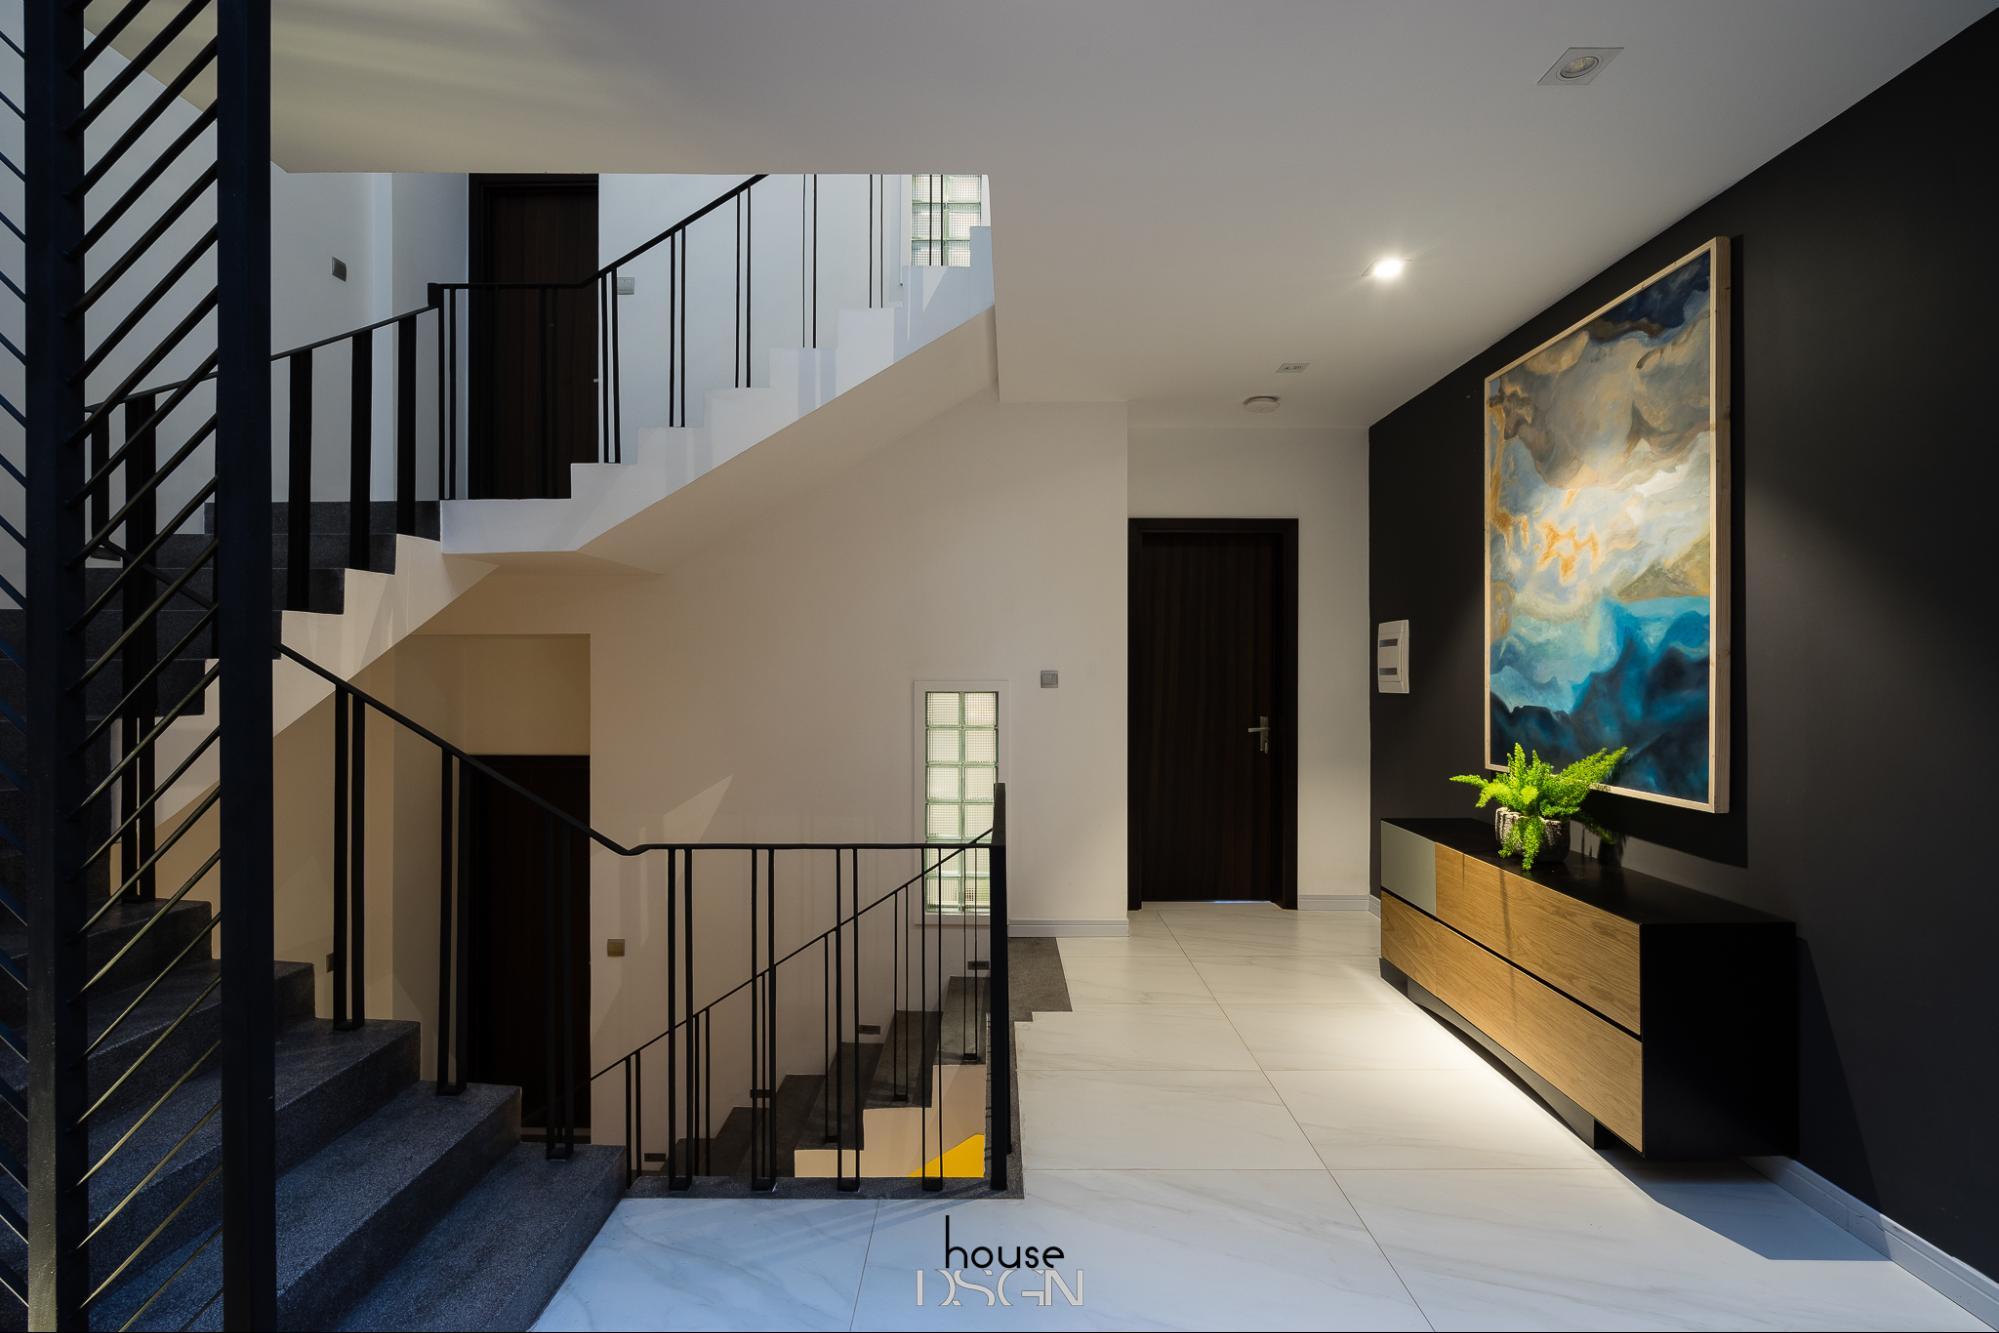 thiết kế nội thất phòng khách có cầu thang - Housedesign